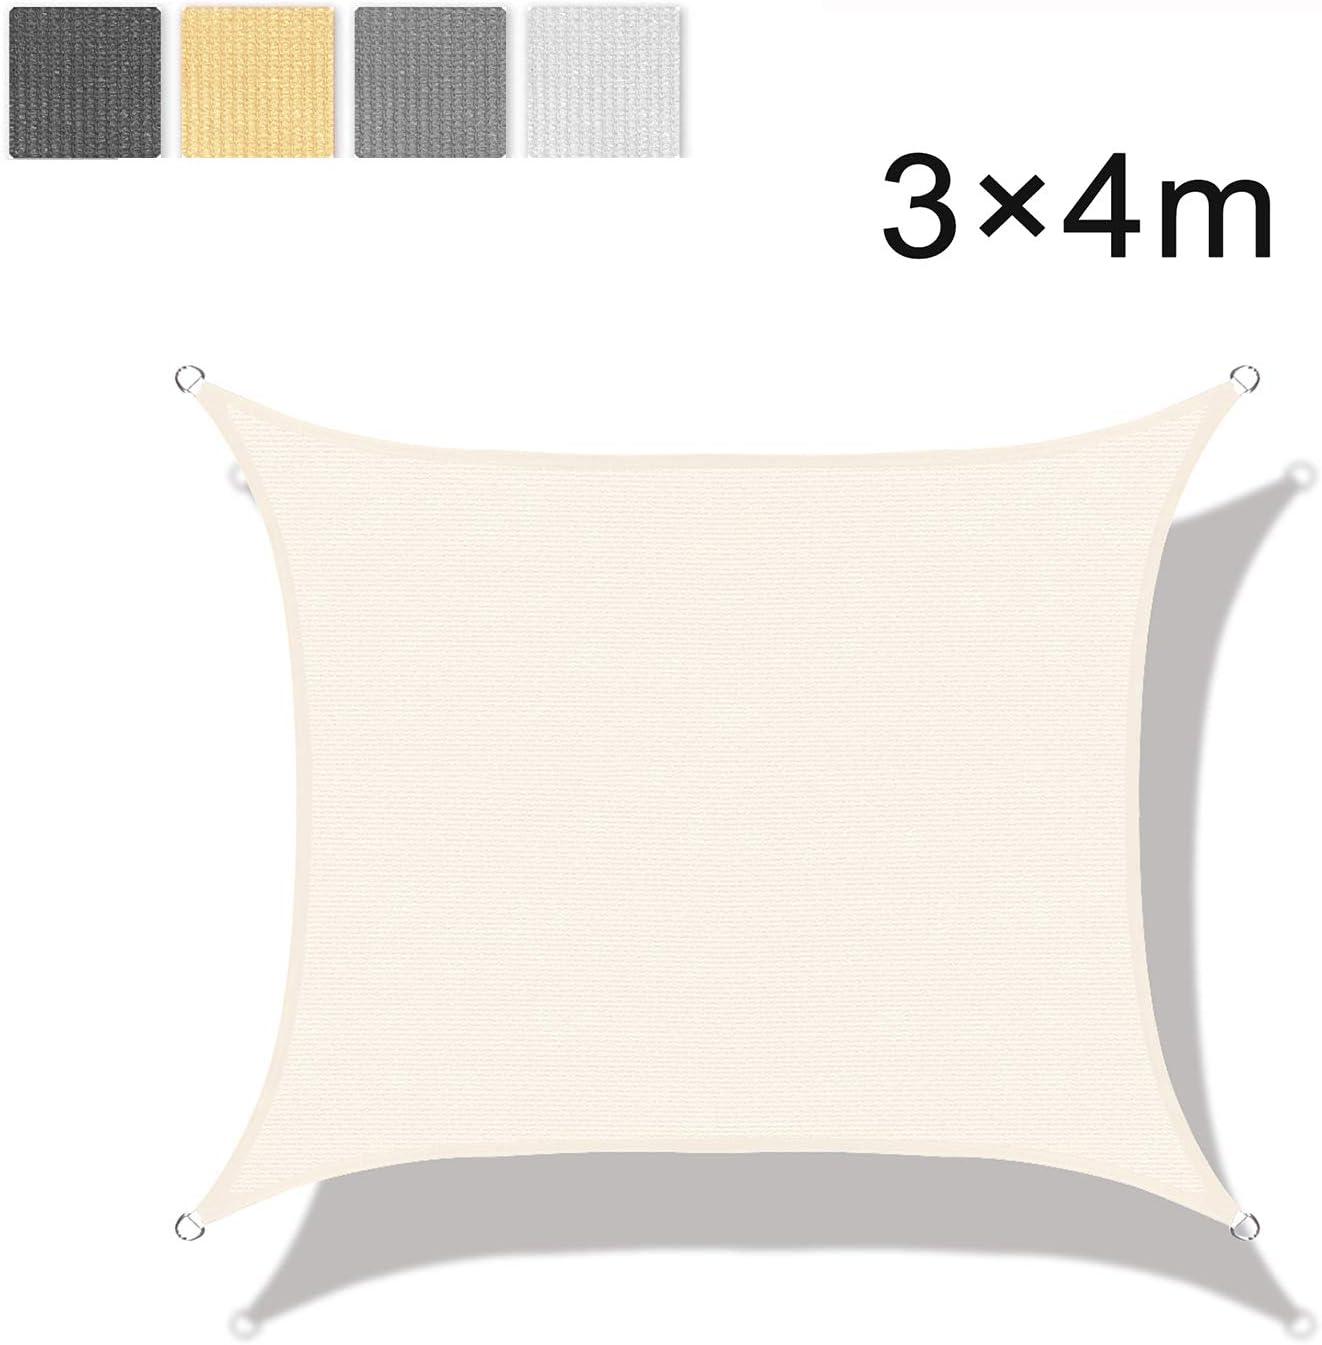 HDPE LOVE STORY Tenda da Vela Parasole Rettangolare 2/×2m Sabbia Protezione UV per Terrazza Campeggio Giardino Esterno